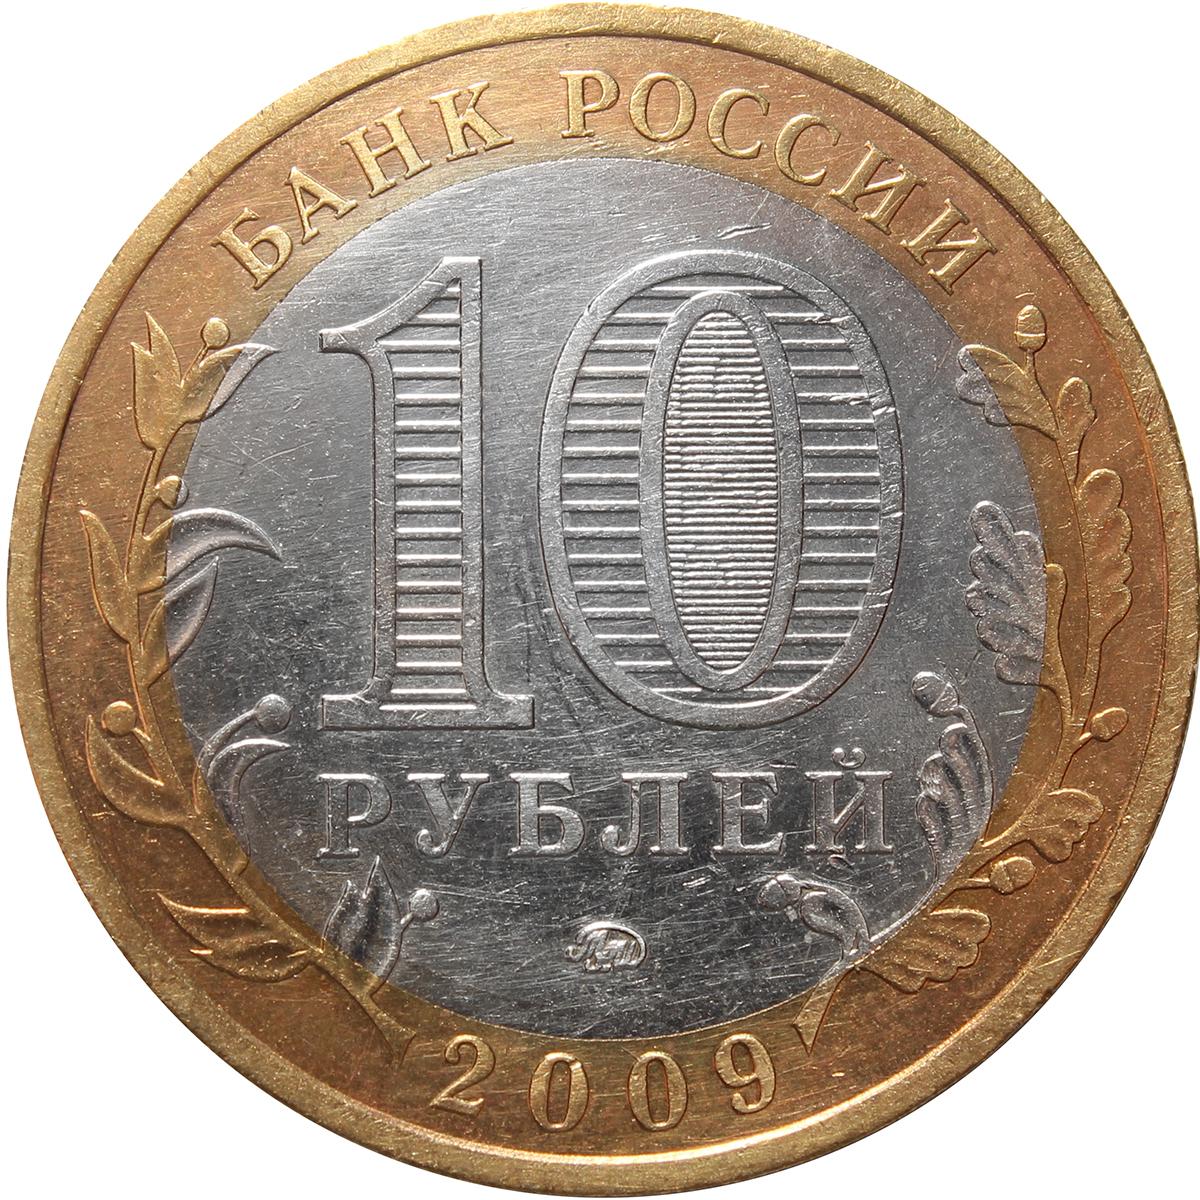 10 рублей 2009 г. Еврейская Автономная область (ММД) XF-AU